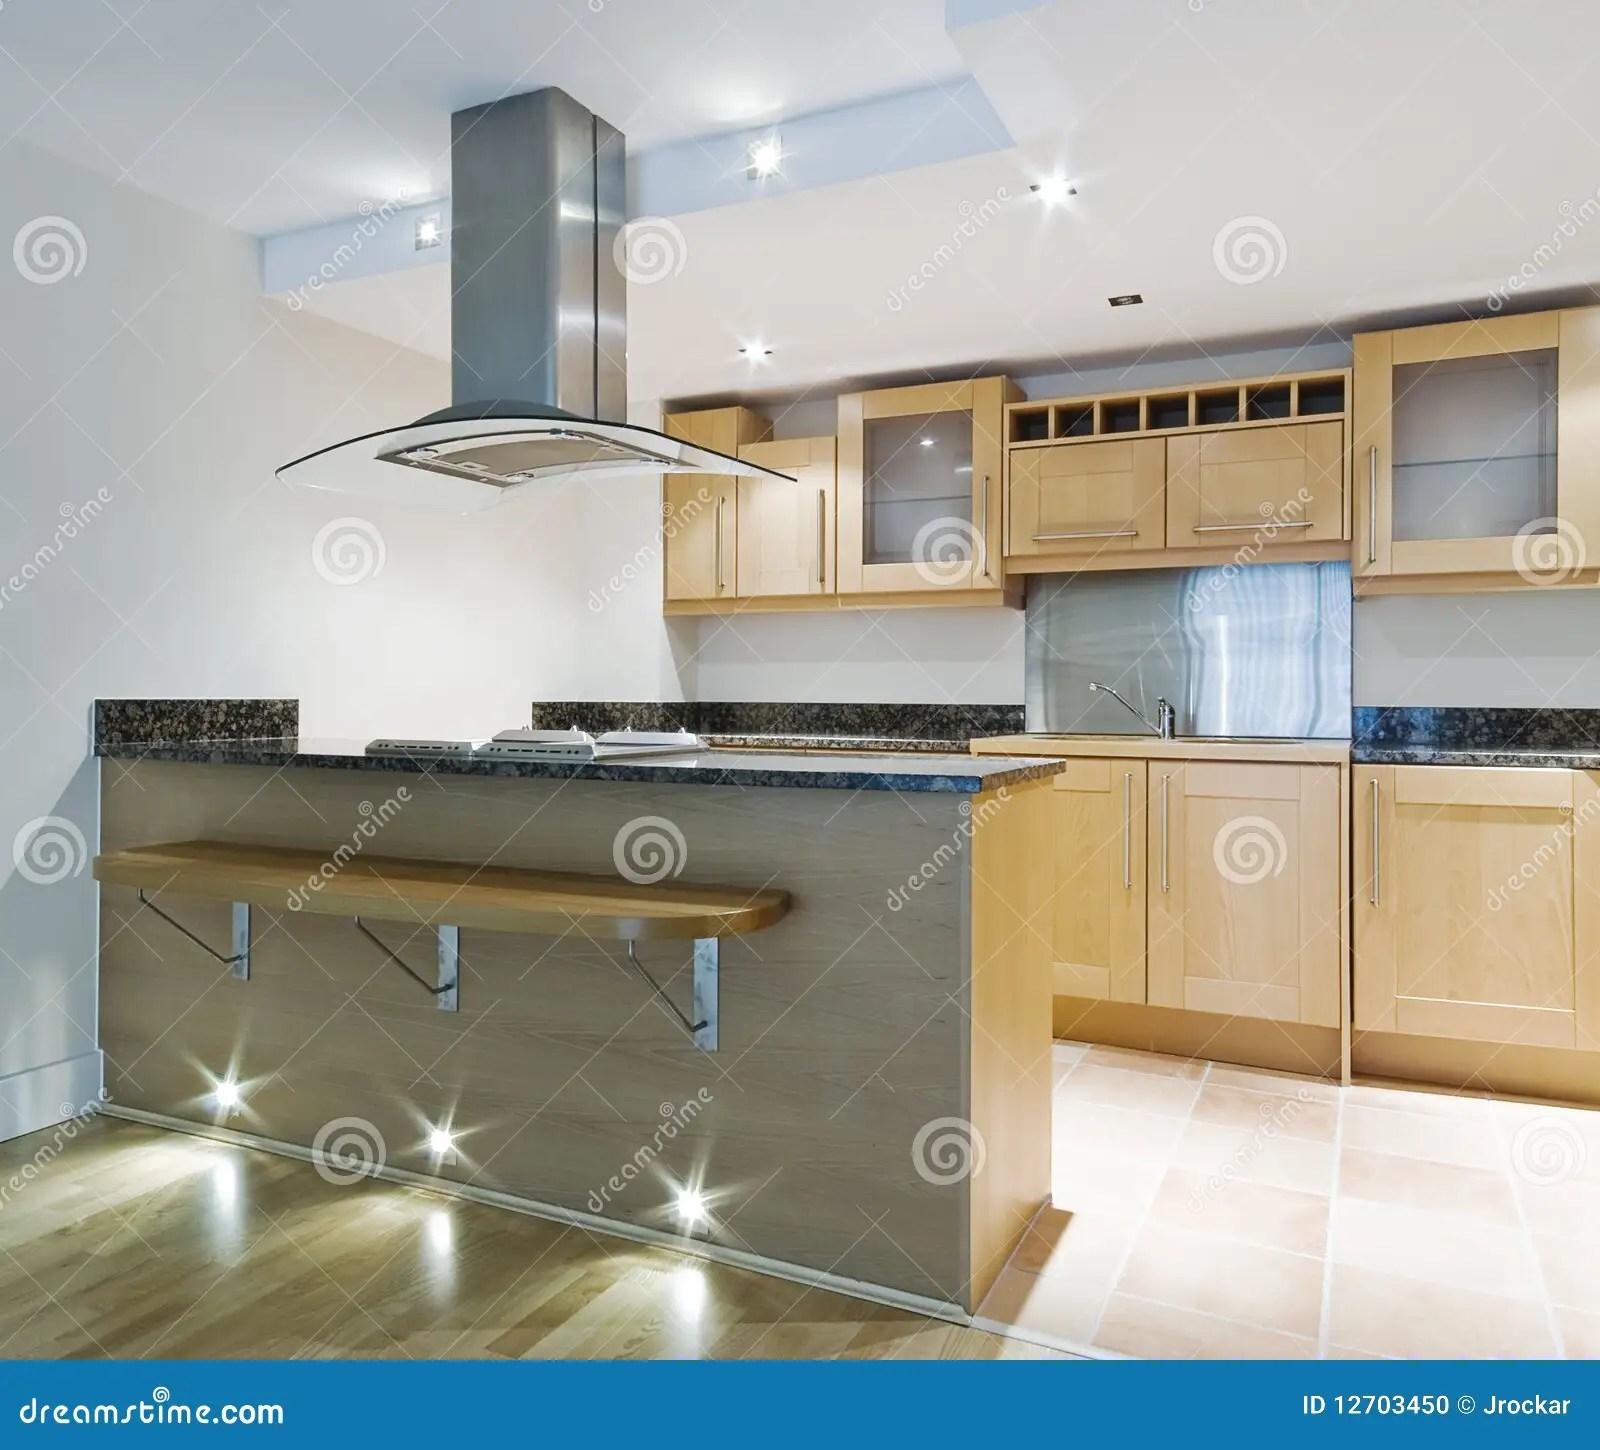 rolling island kitchen mexican style 小岛厨房库存照片 图片包括有敞篷 提取器 海岛 滚刀 楼层 甲板 小 小岛厨房